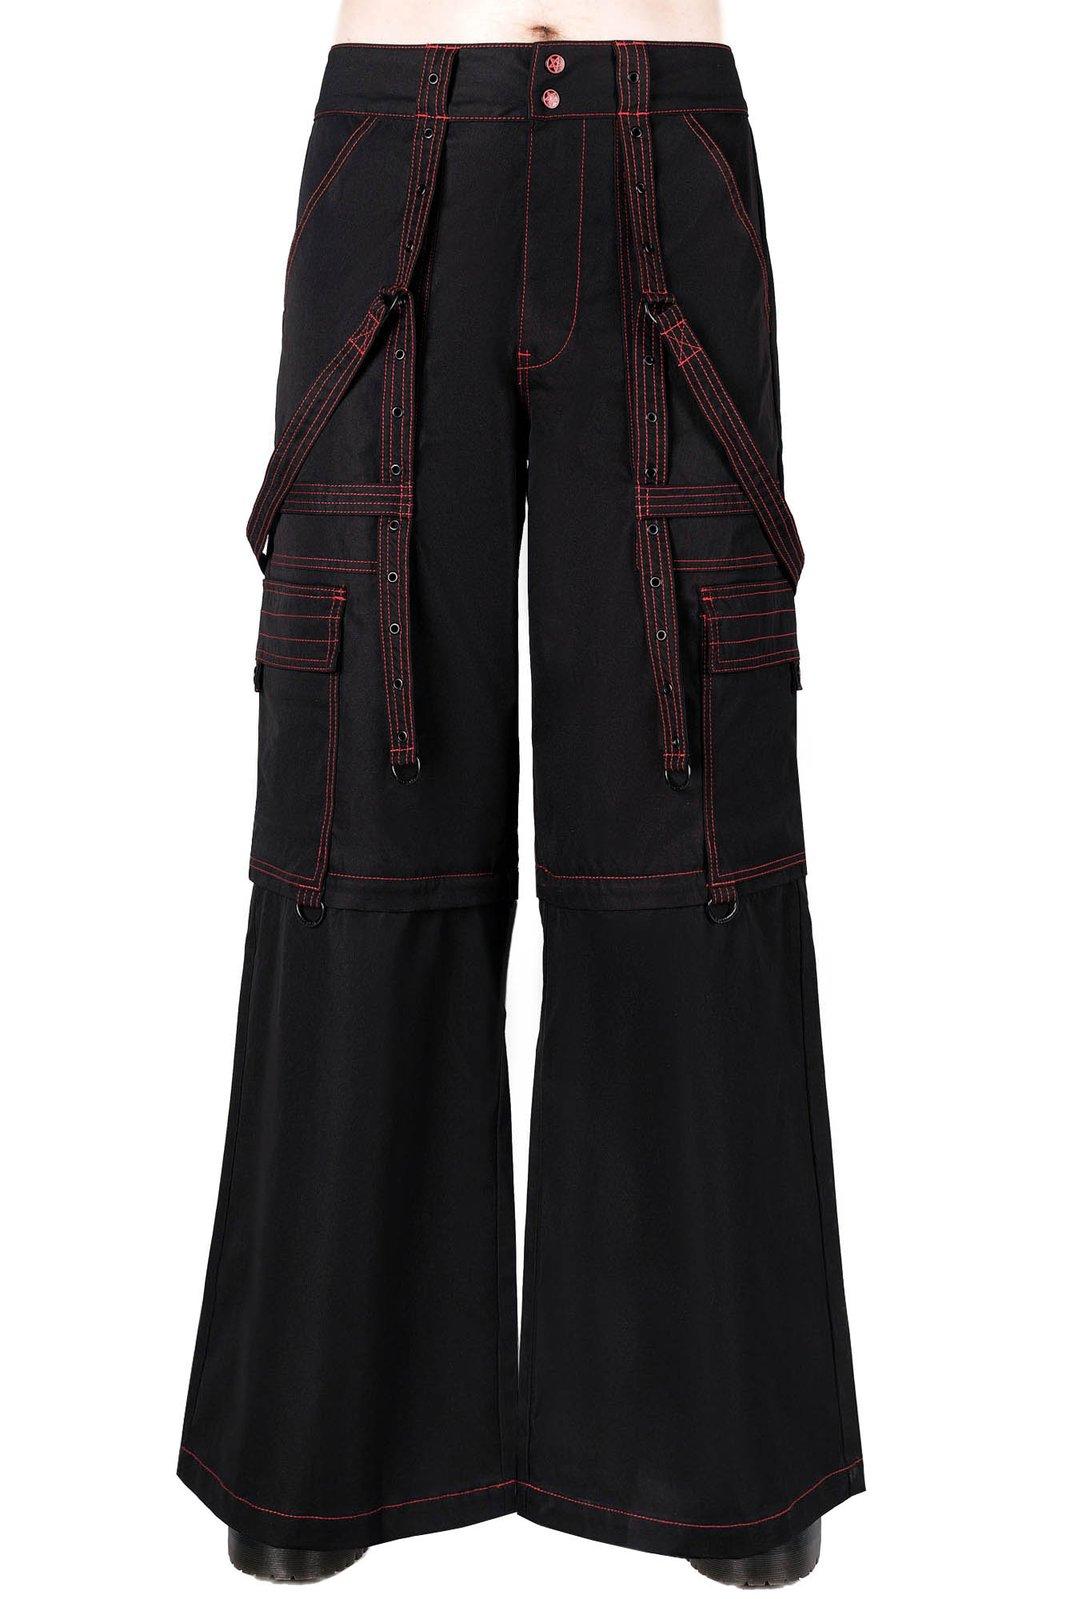 Shadow Walker Bondage Trousers Black